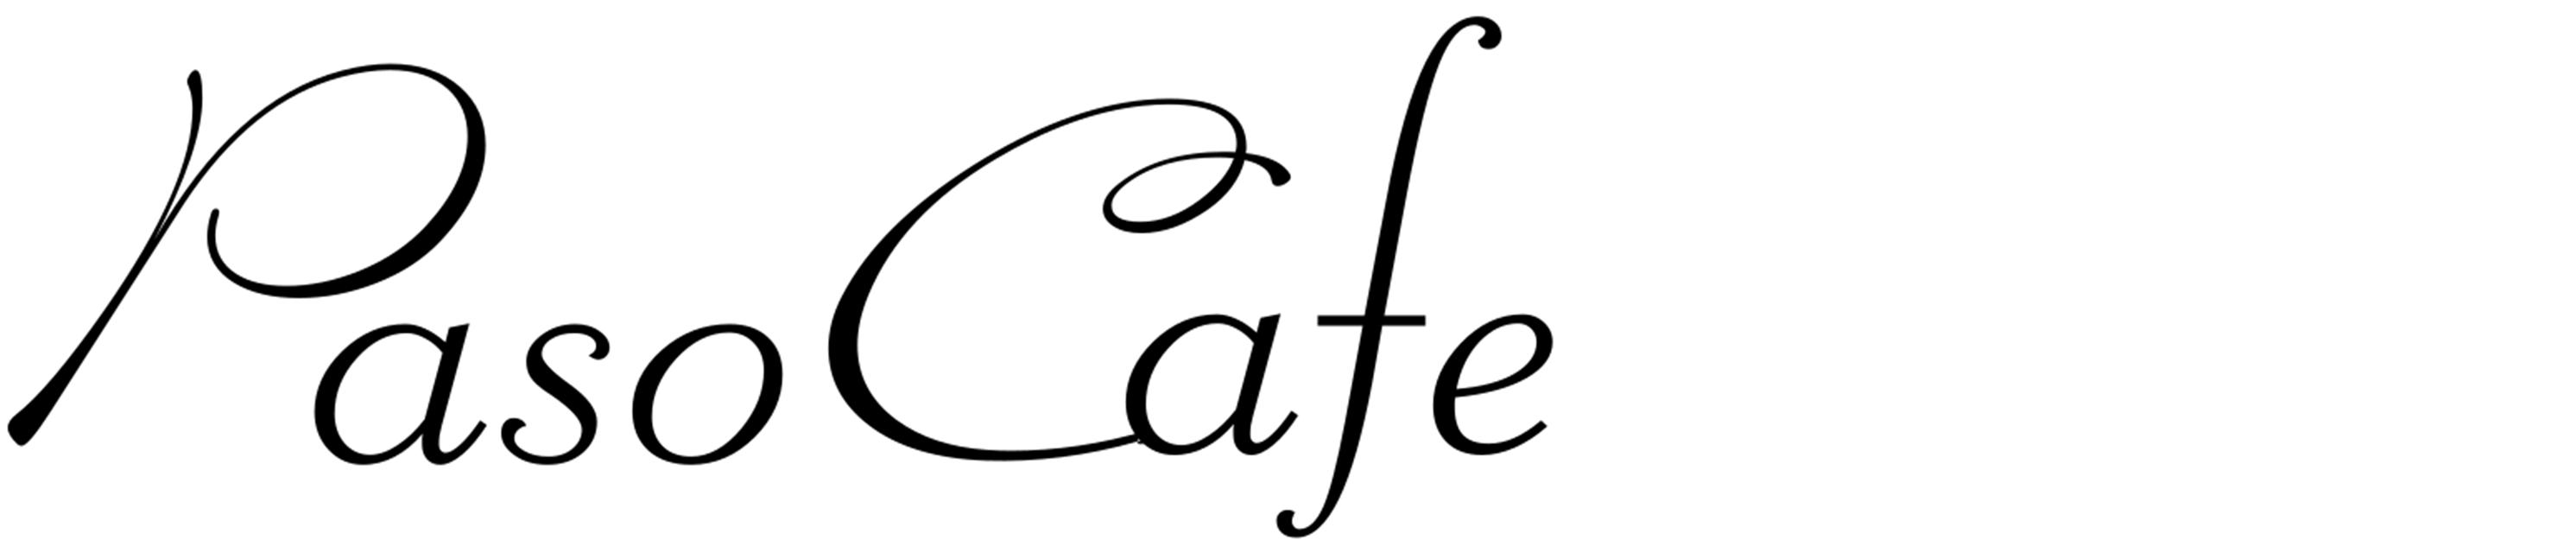 女性向け個人レッスン専門パソコン&カメラ教室 PasoCafe(パソカフェ)| 川西・大阪・宝塚